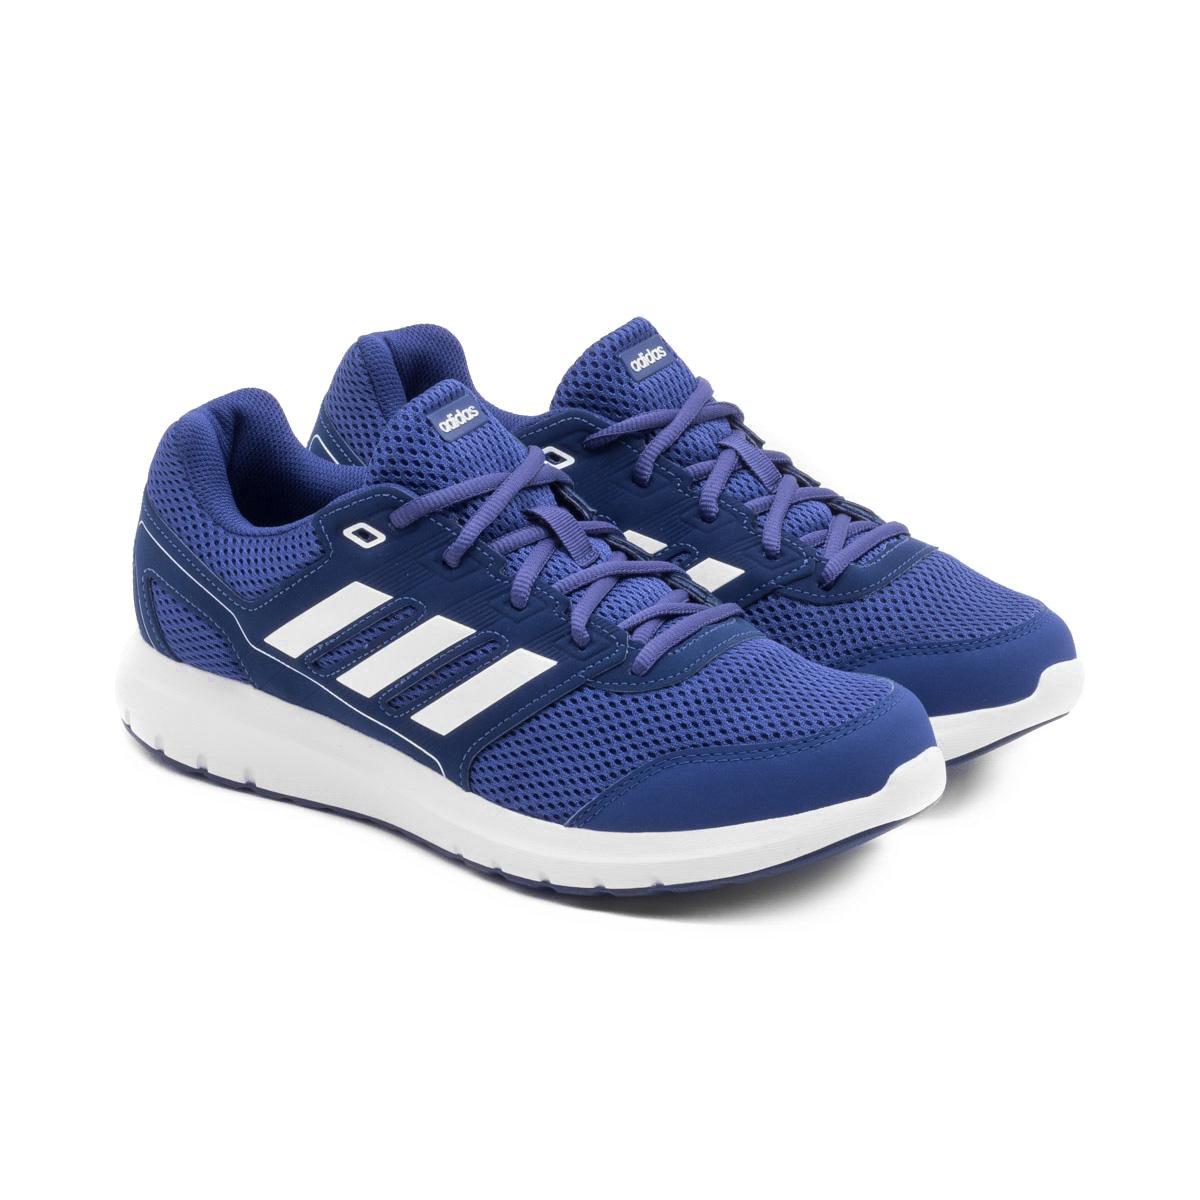 679b811199 Tênis Adidas Duramo Lite 2 0 Masculino - Marinho e Branco - Compre Agora